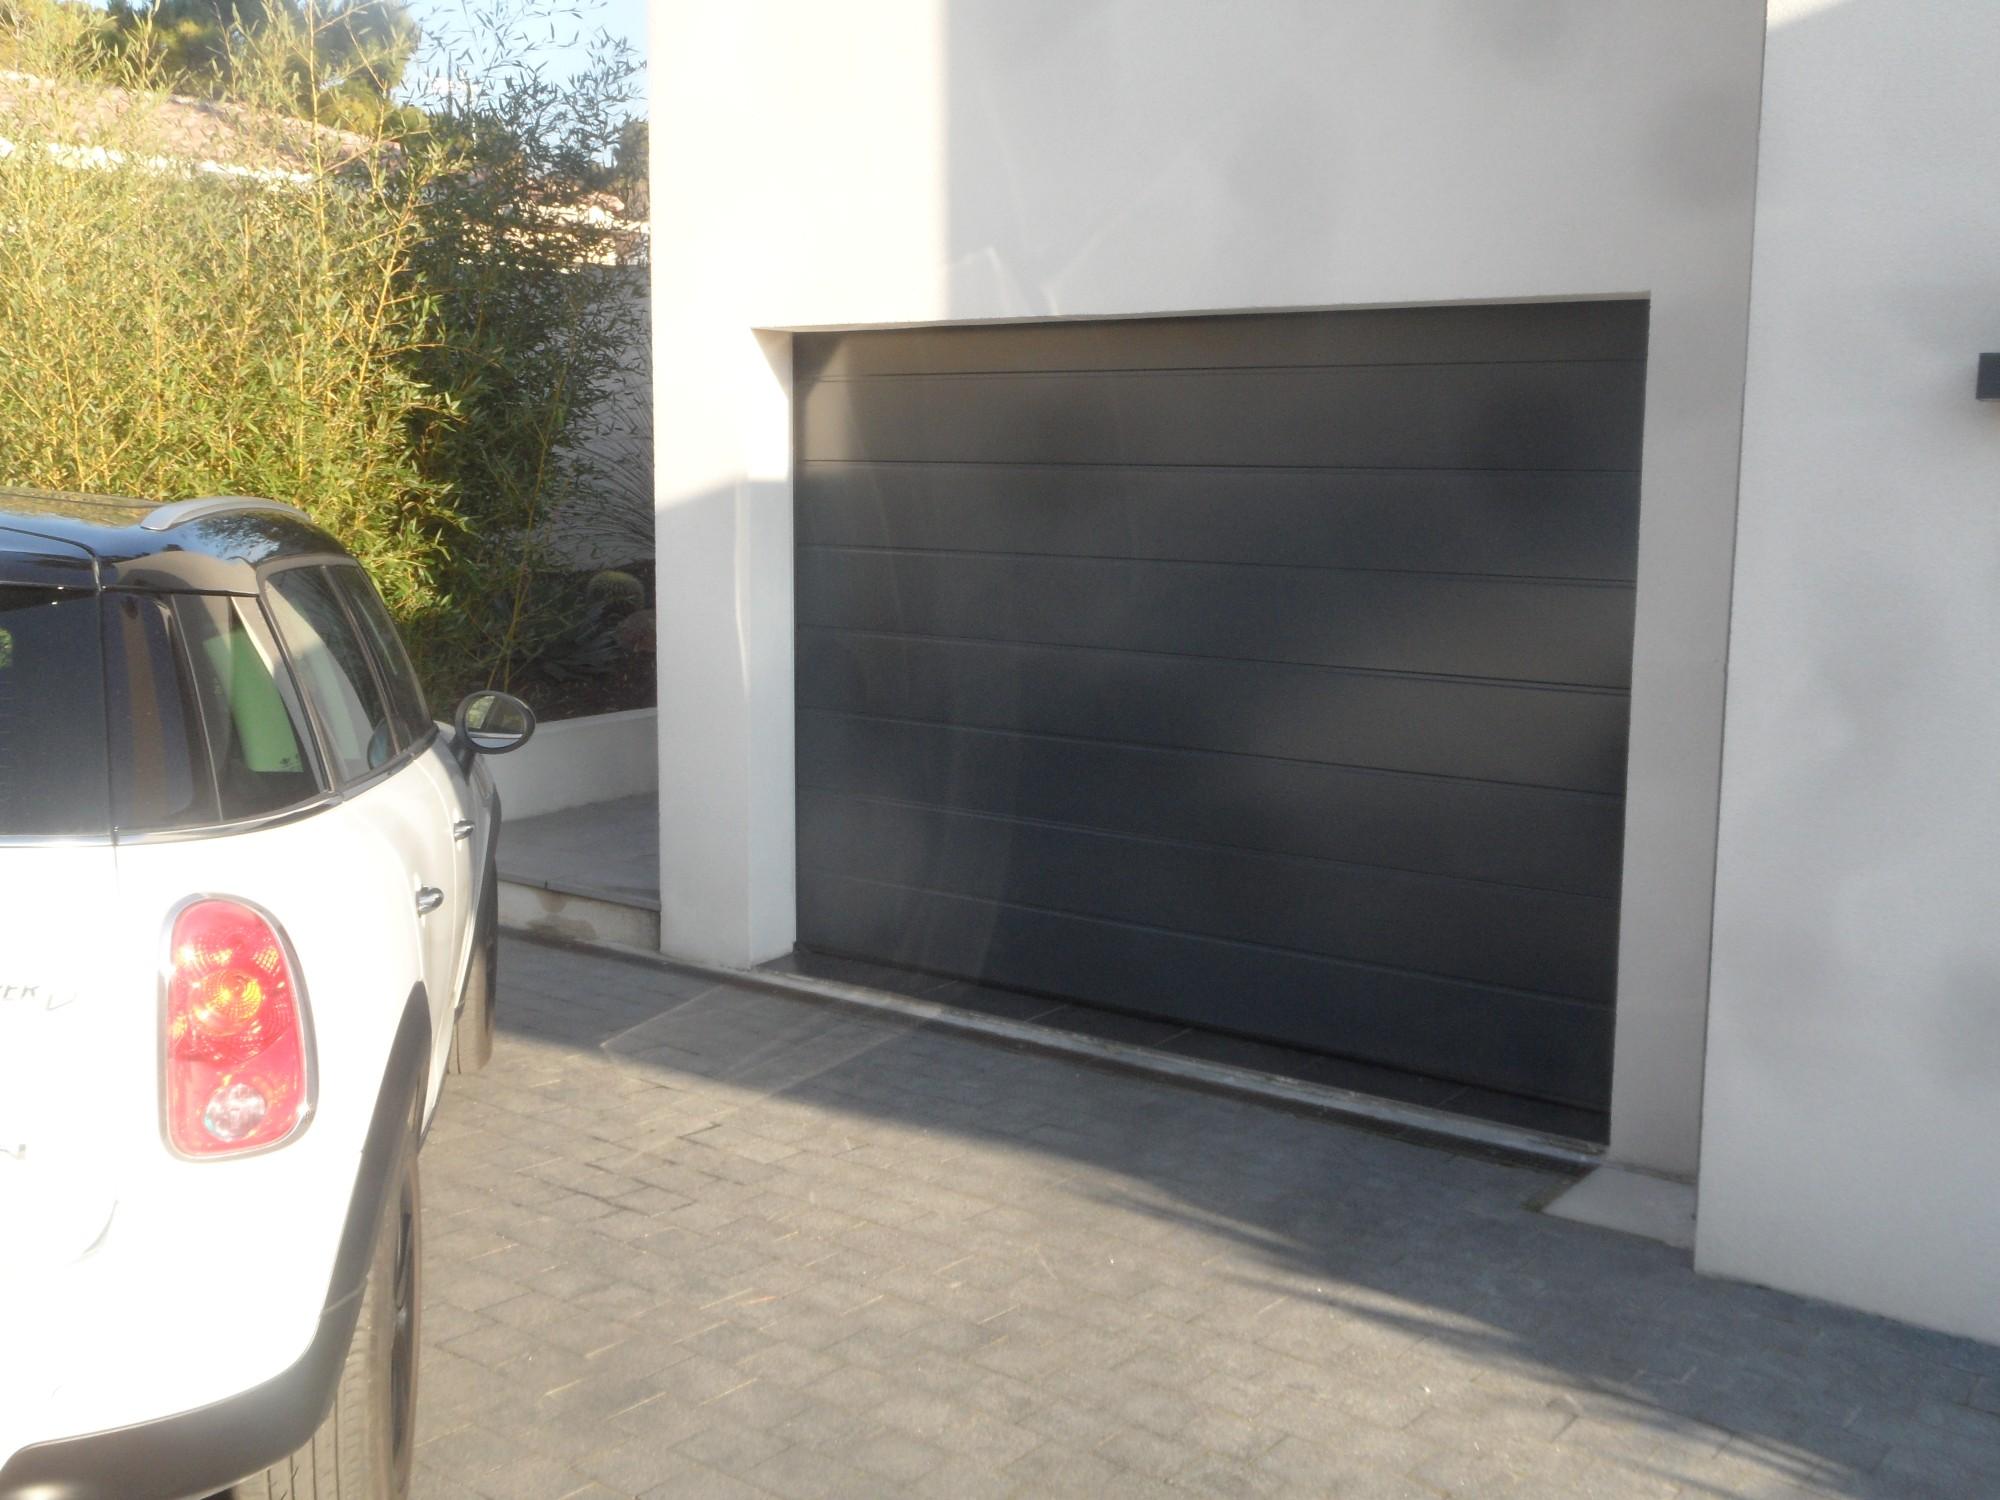 Stup fiant moteur de porte de garage renaa conception - Porte de garage sectionnelle pas chere ...